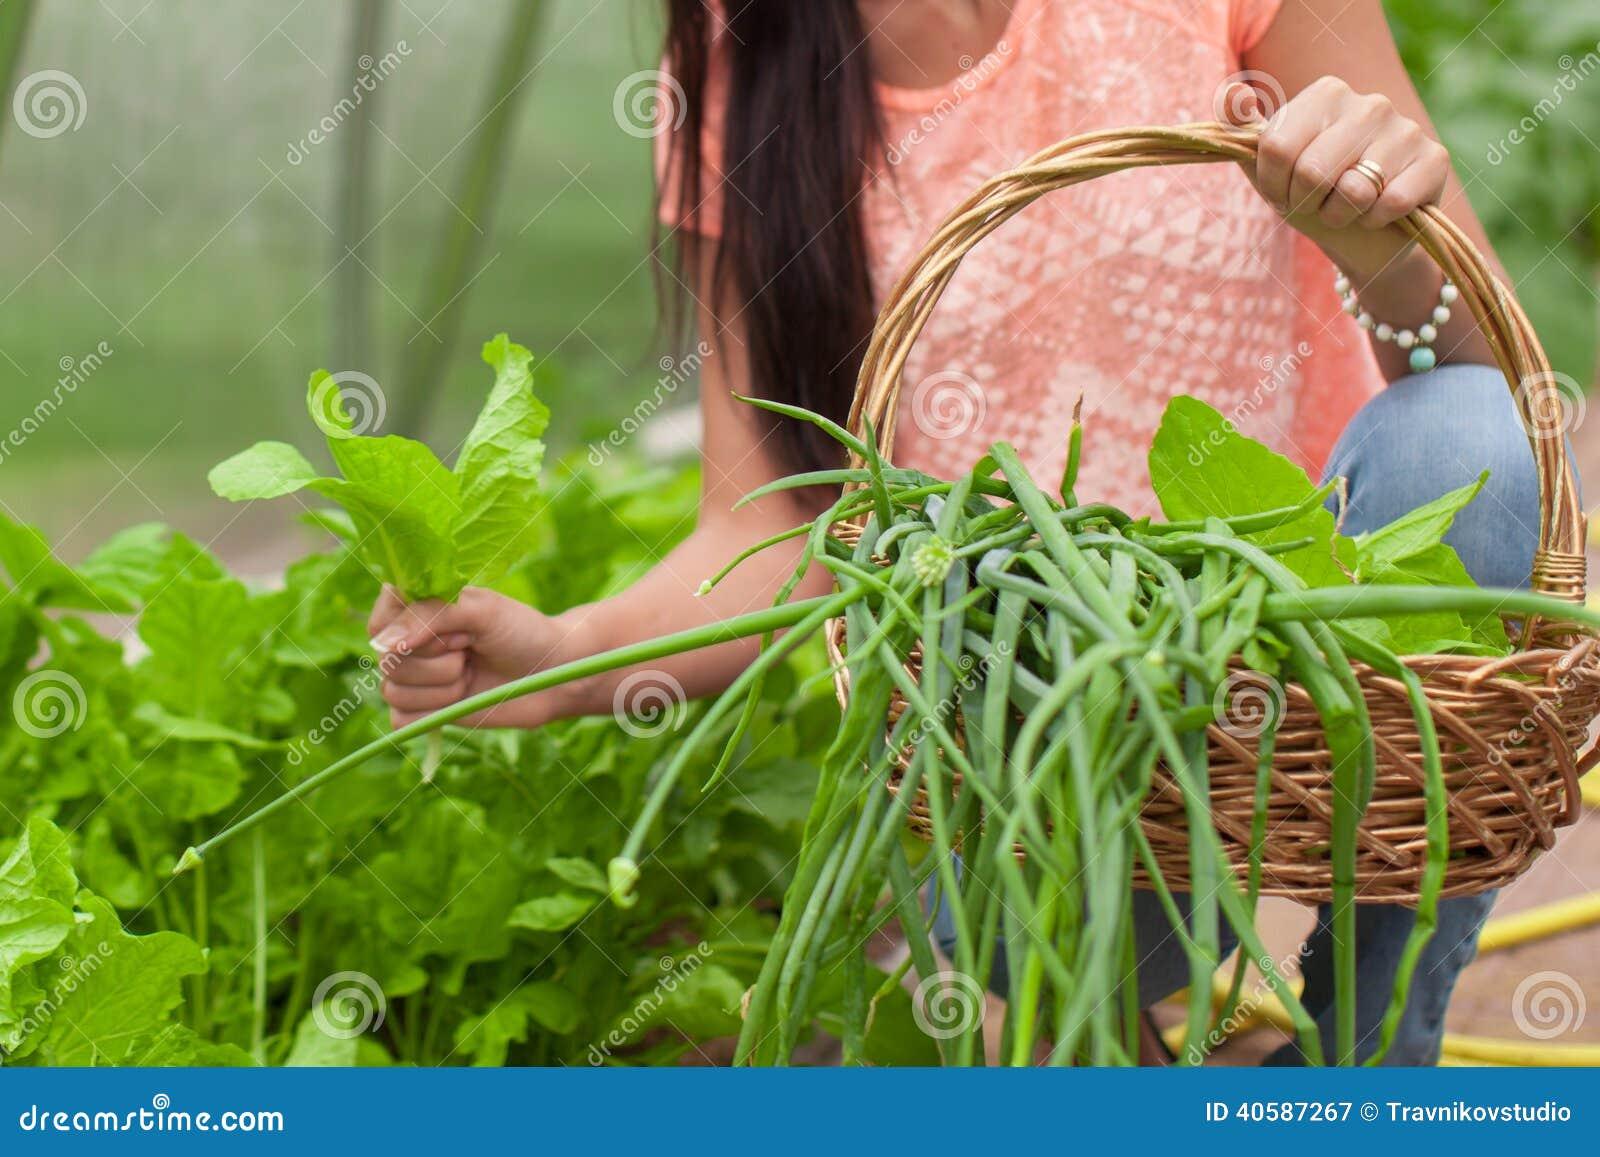 Конец-вверх корзины зеленеет в руках женщины